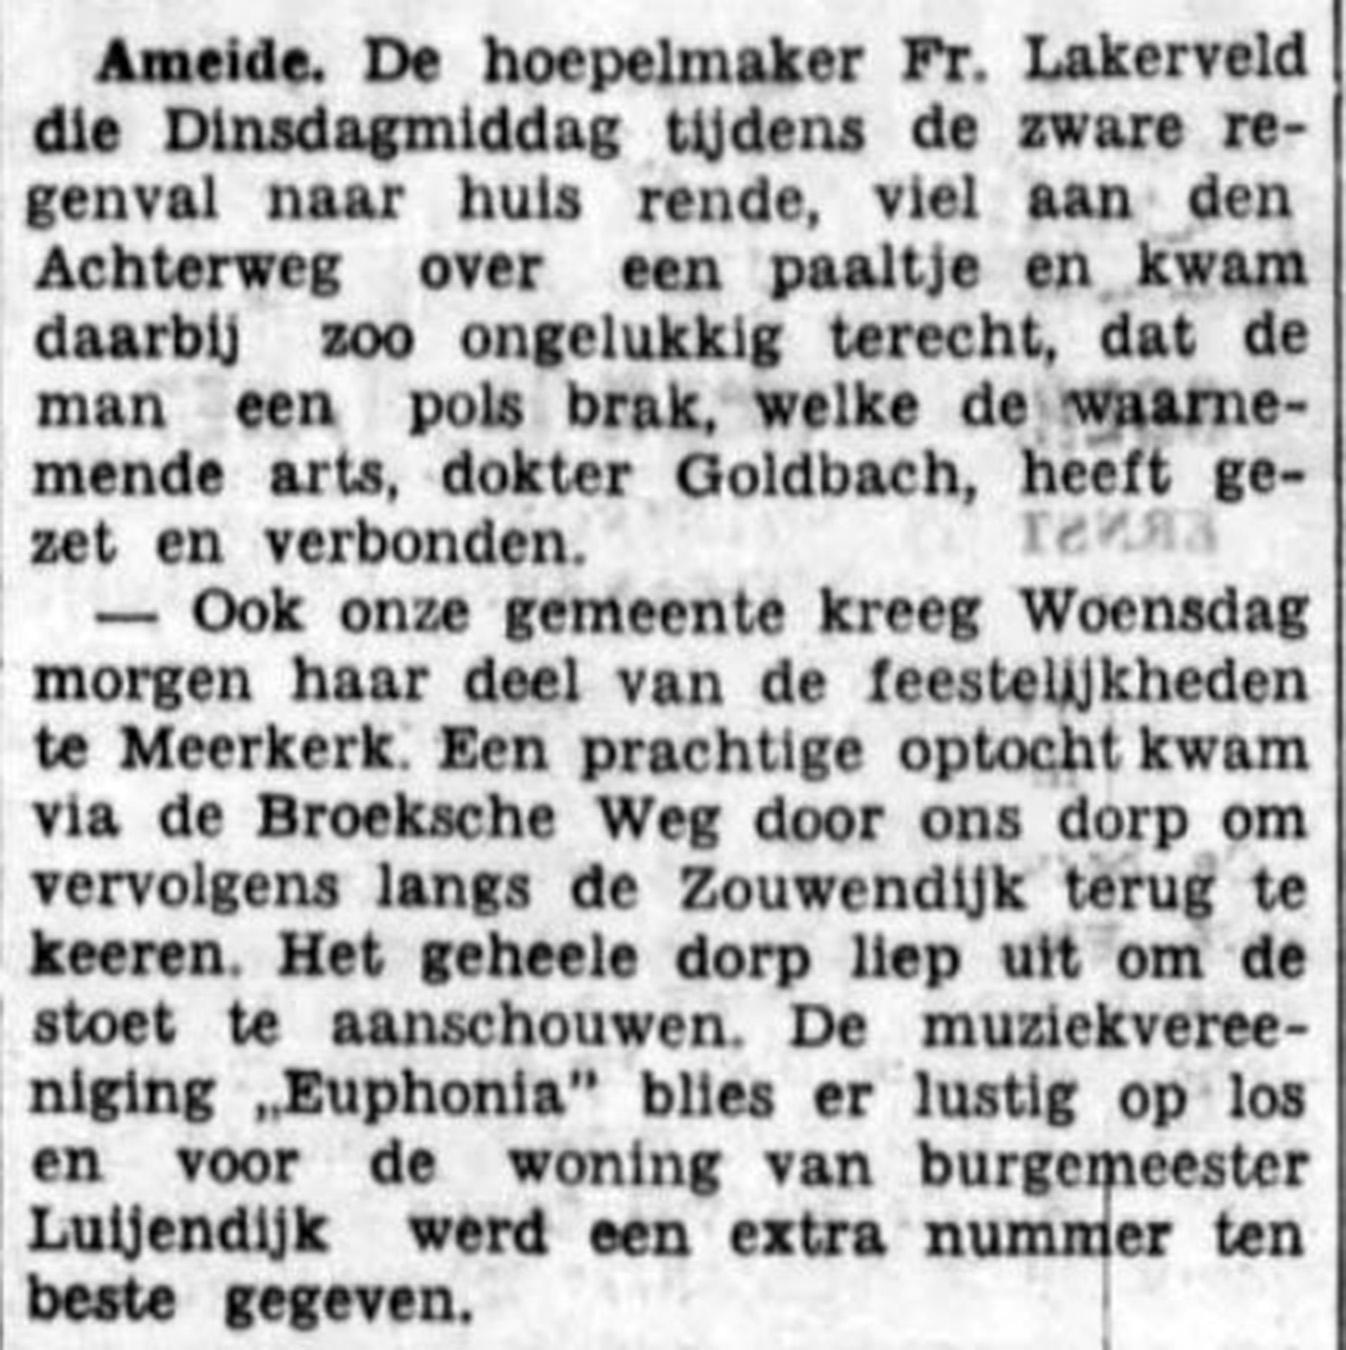 schoonhovensche-courant-06809-1937-05-14-artikel-03